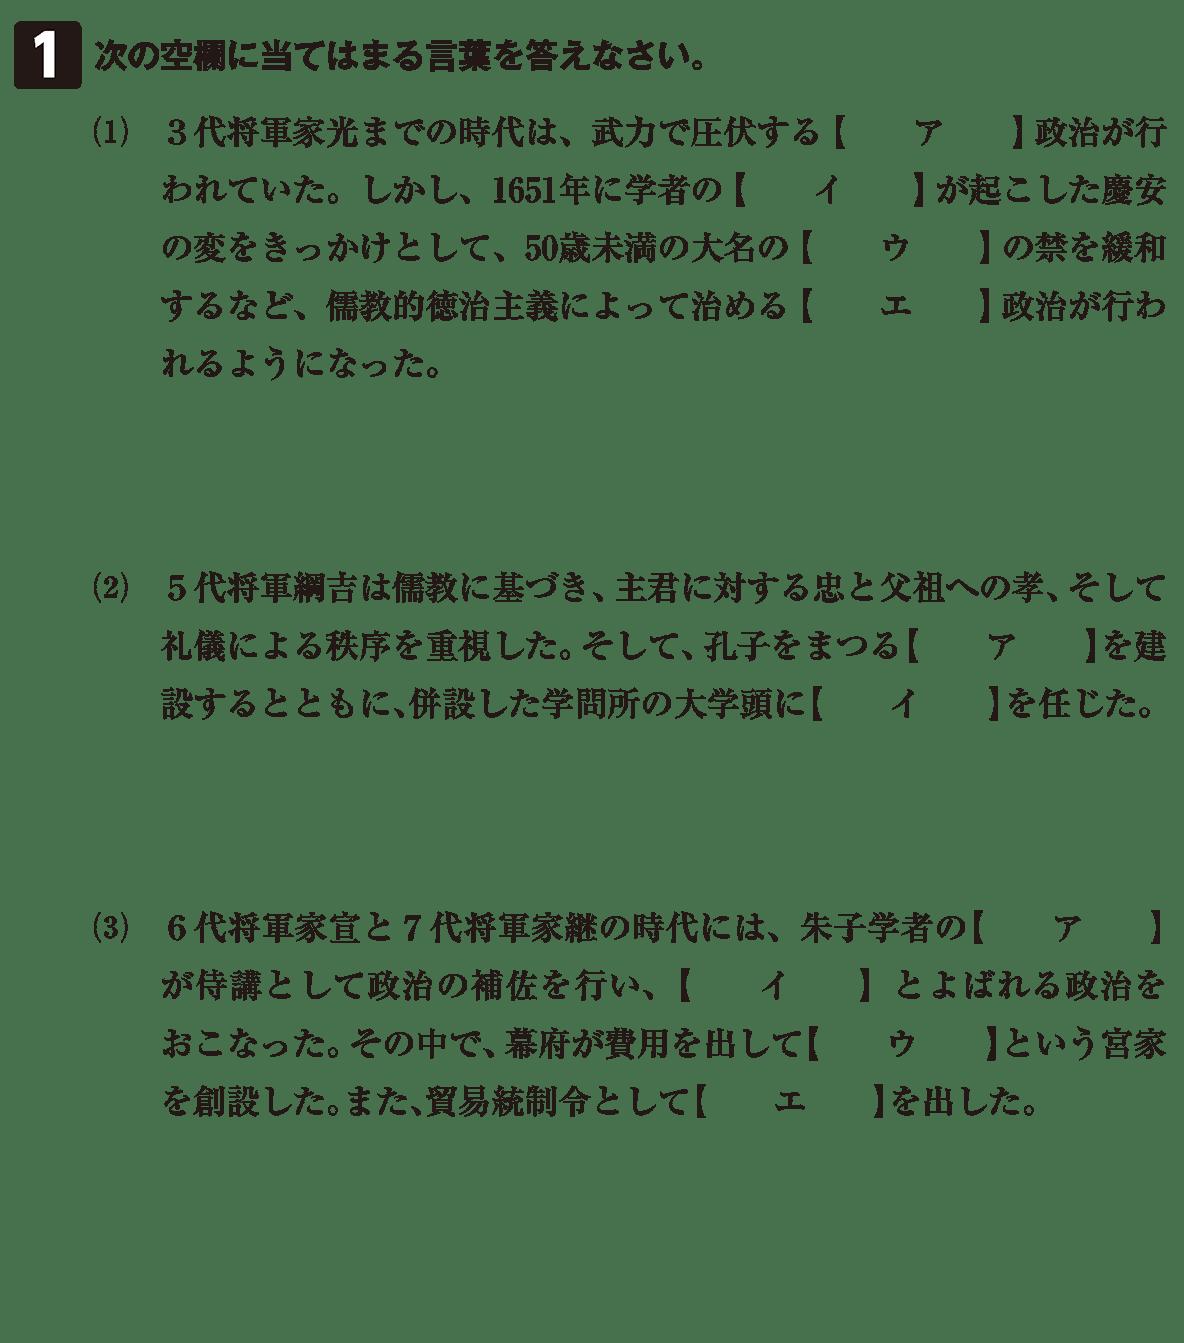 近世36 問題1 カッコ空欄